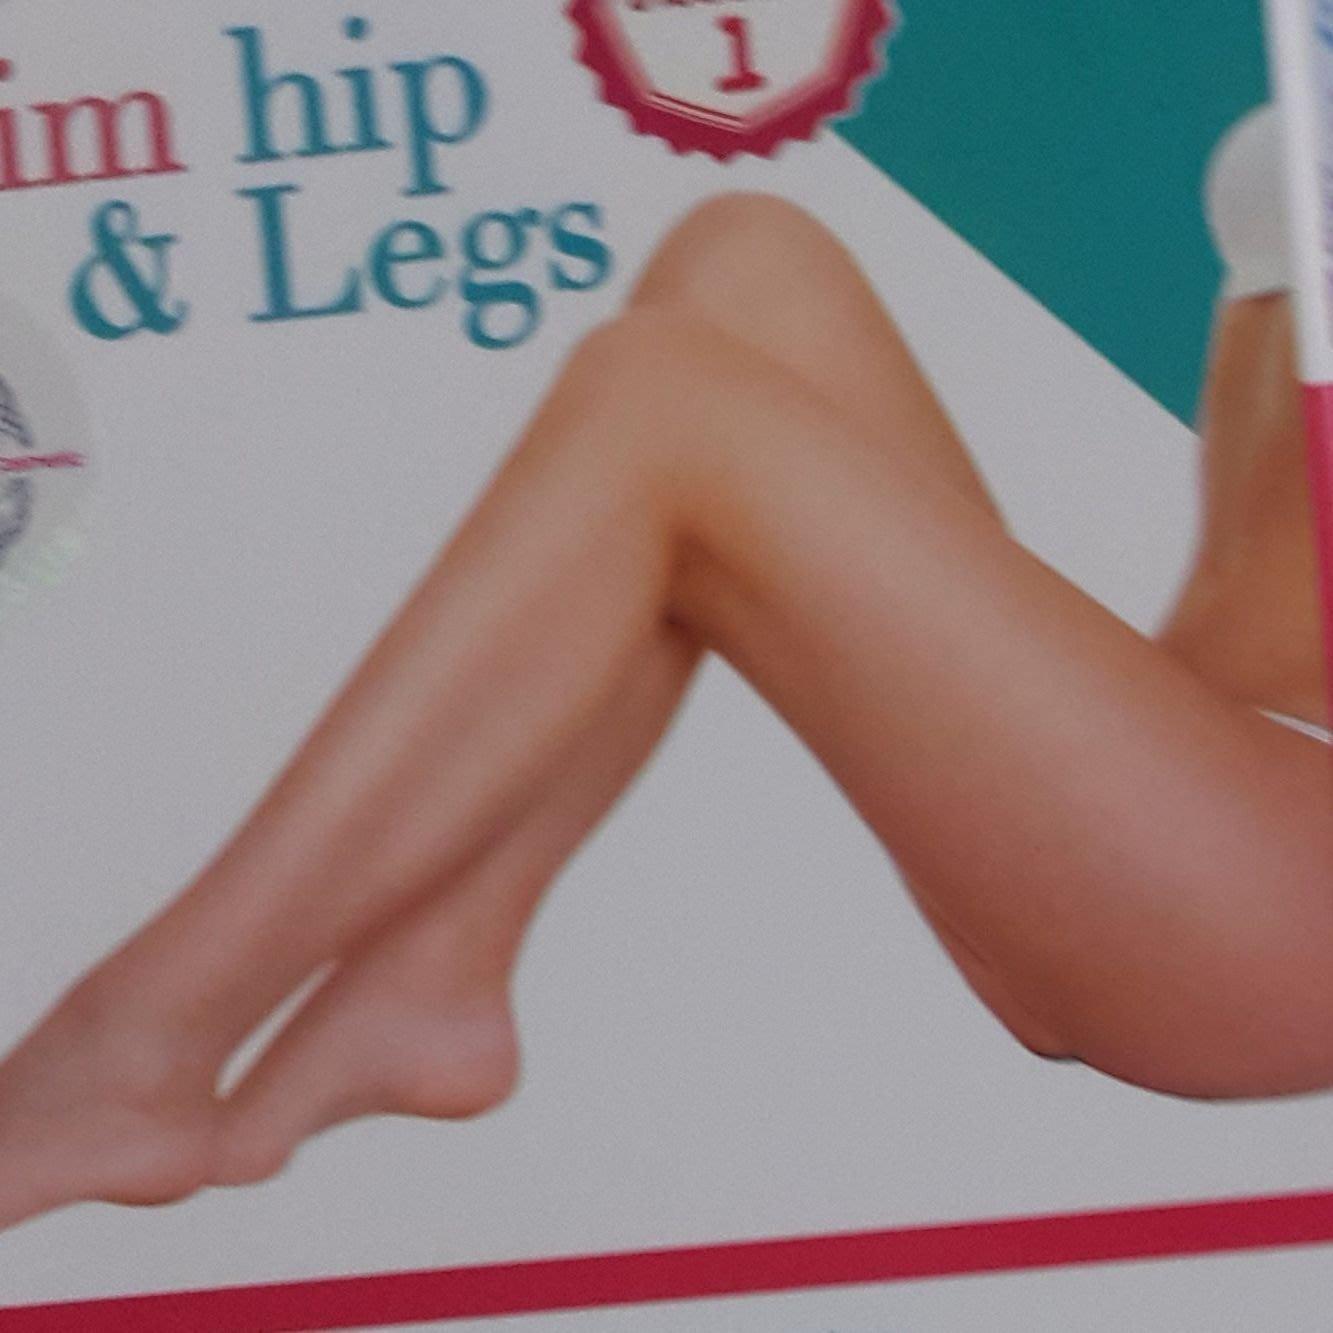 芭比金剛-legs 專用。